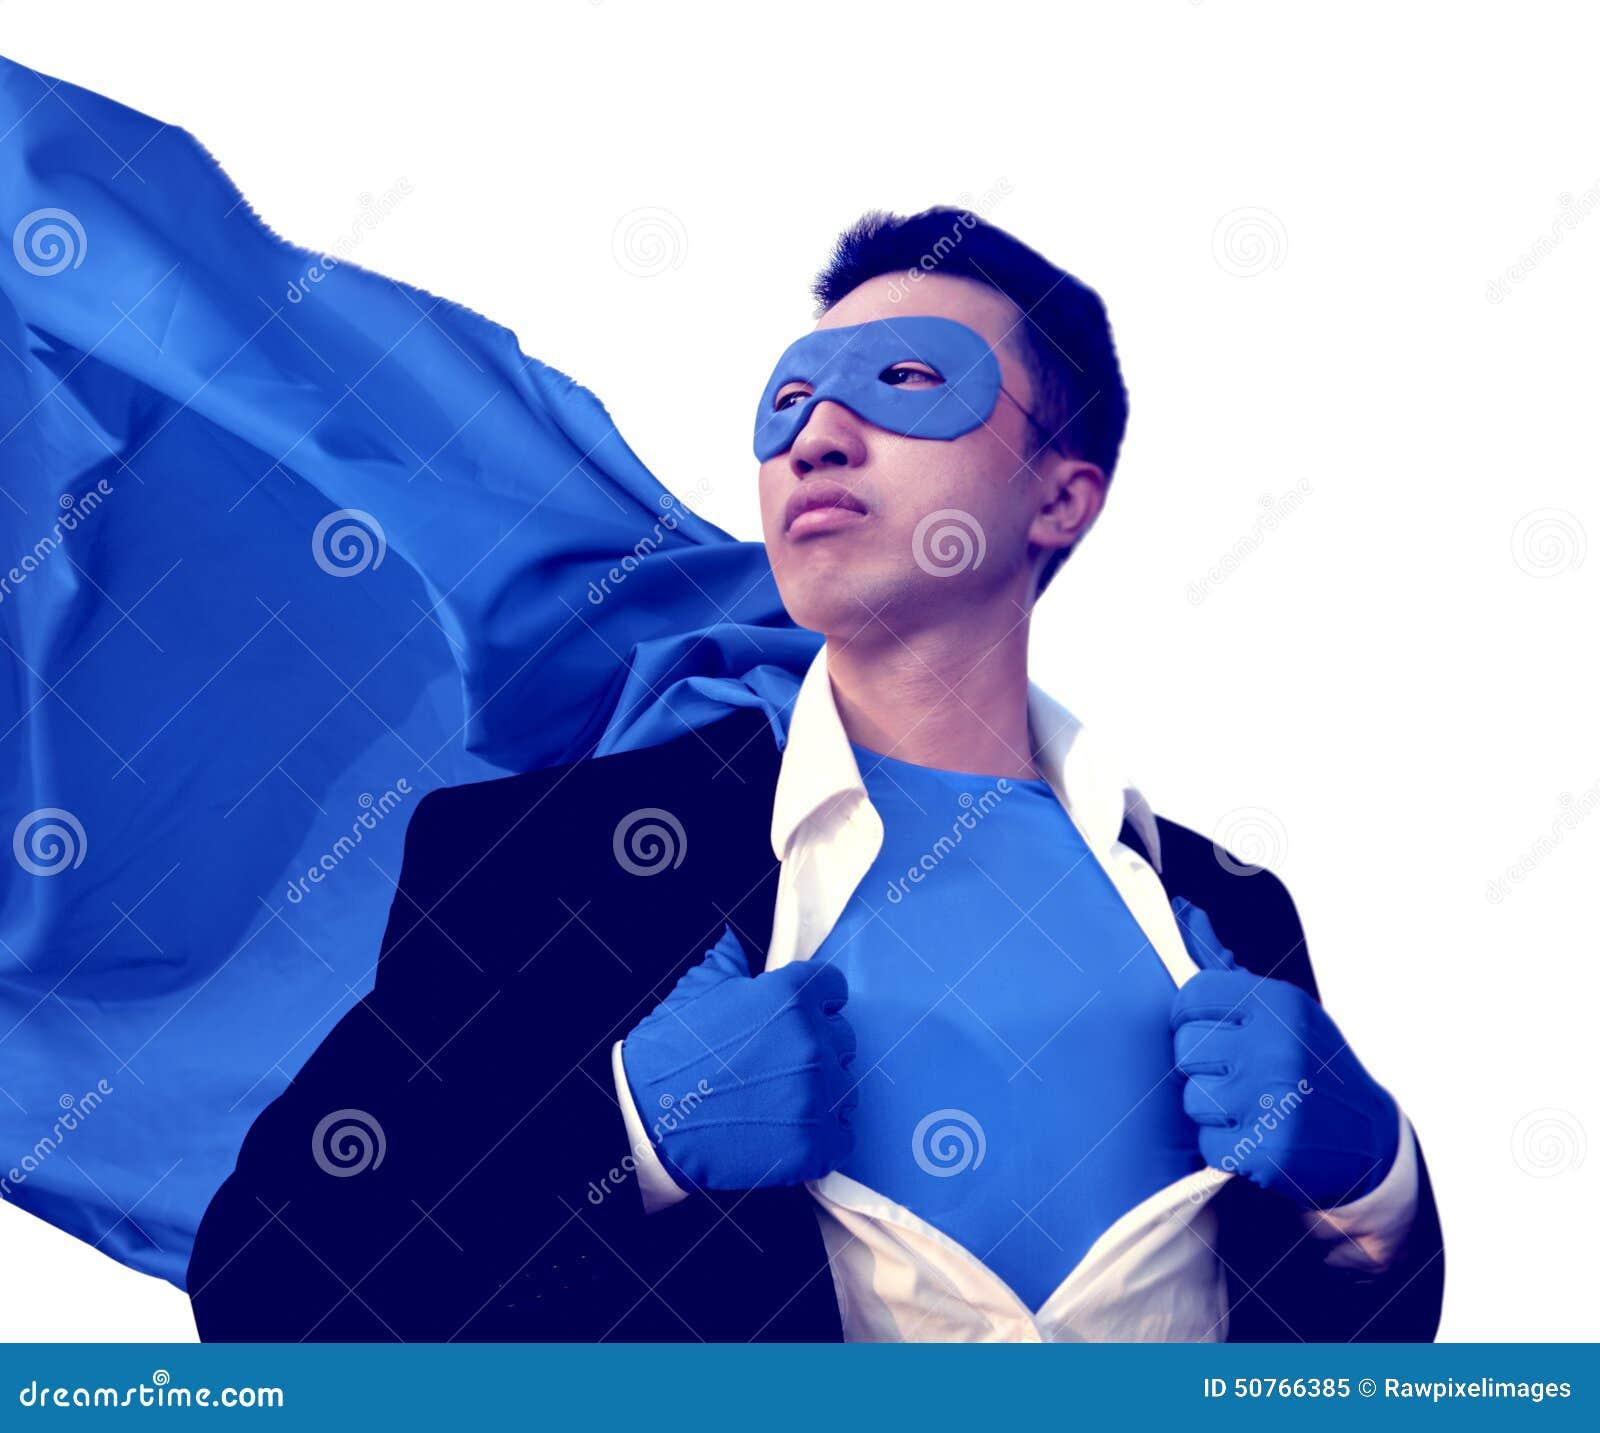 Το Superhero προστατεύει την ισχυρή έννοια φαντασίας προσδιορισμού νίκης